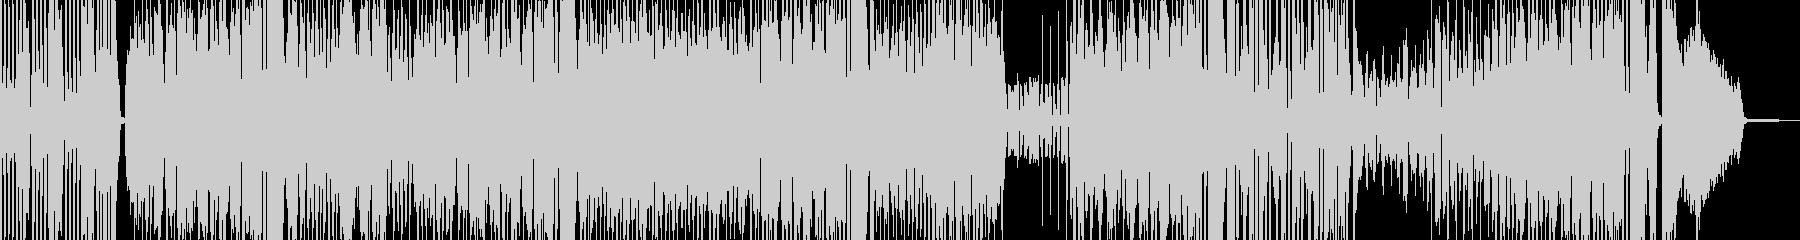 カートゥーン調のブラスジャズ 打楽器有の未再生の波形